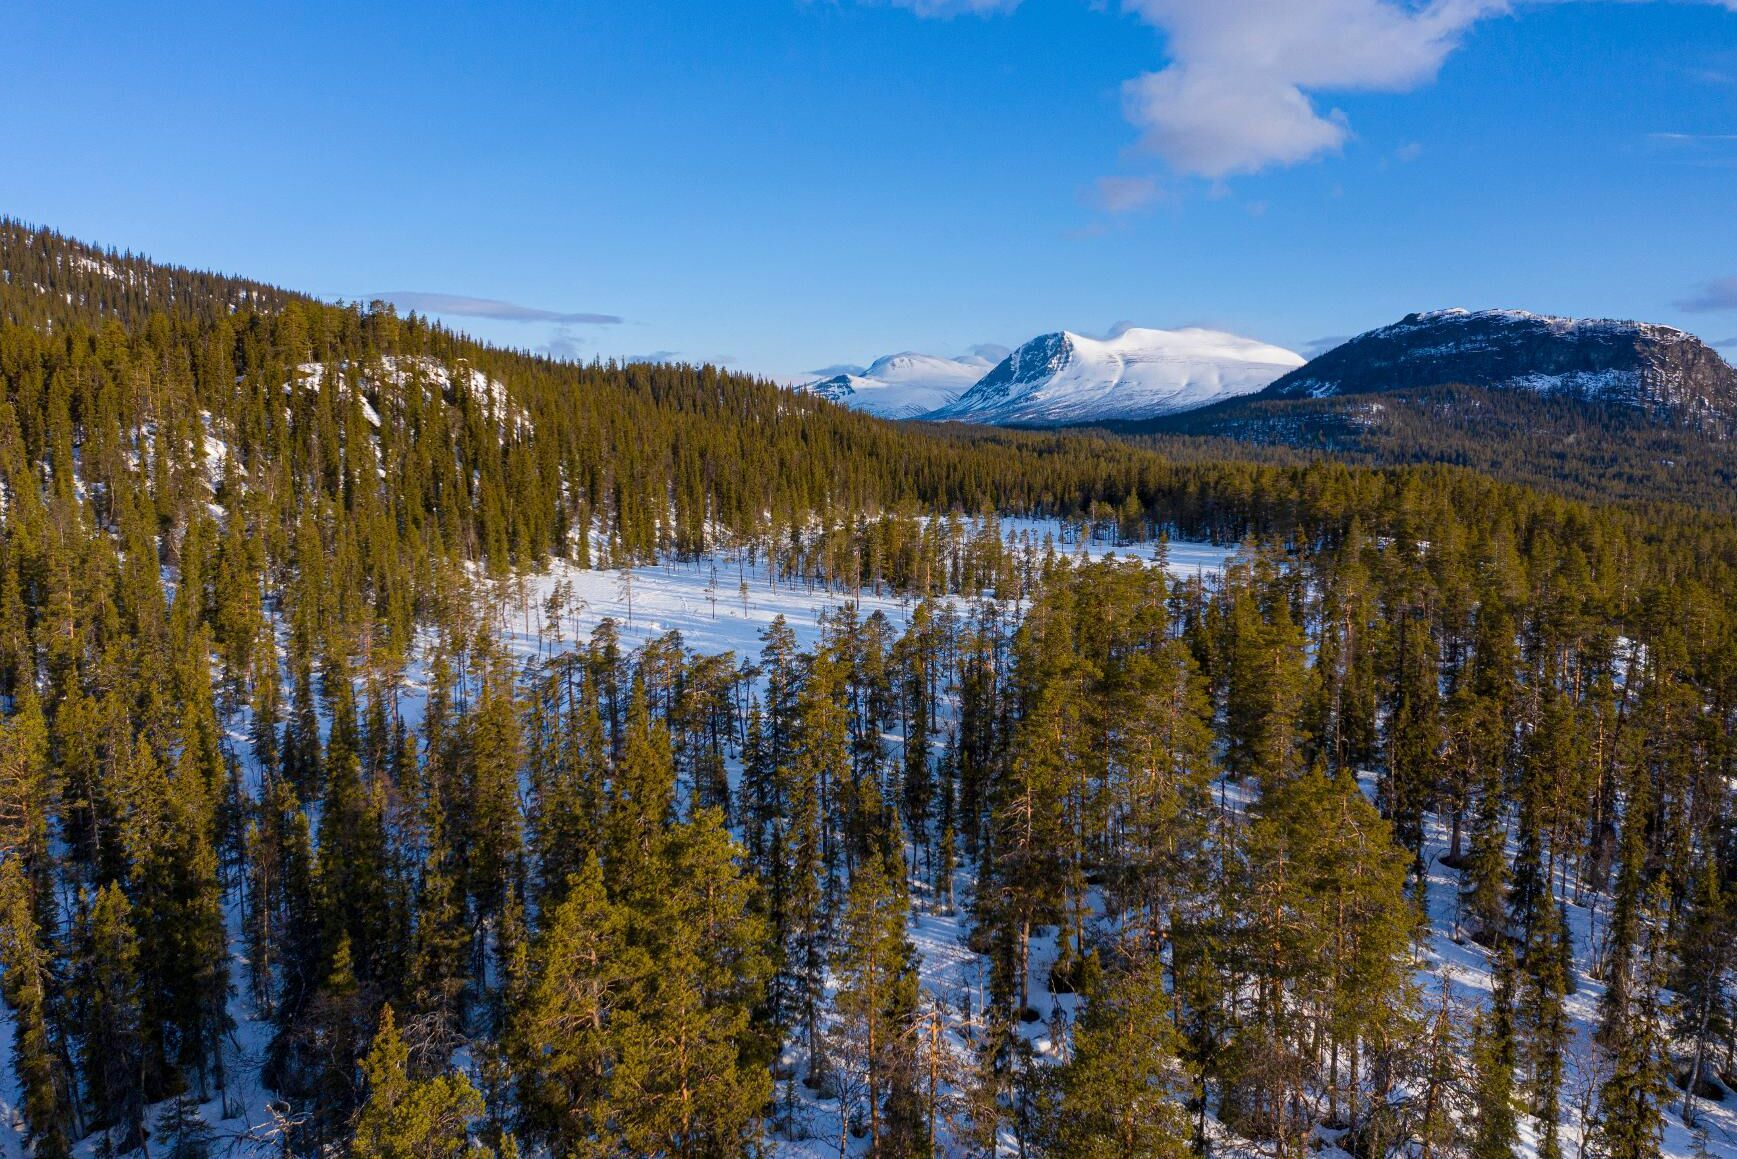 Ersättningar för fjällnära skog hotar att slå ut annan naturvård, menar myndigheten i ett brev till regeringen. Arkivbild.